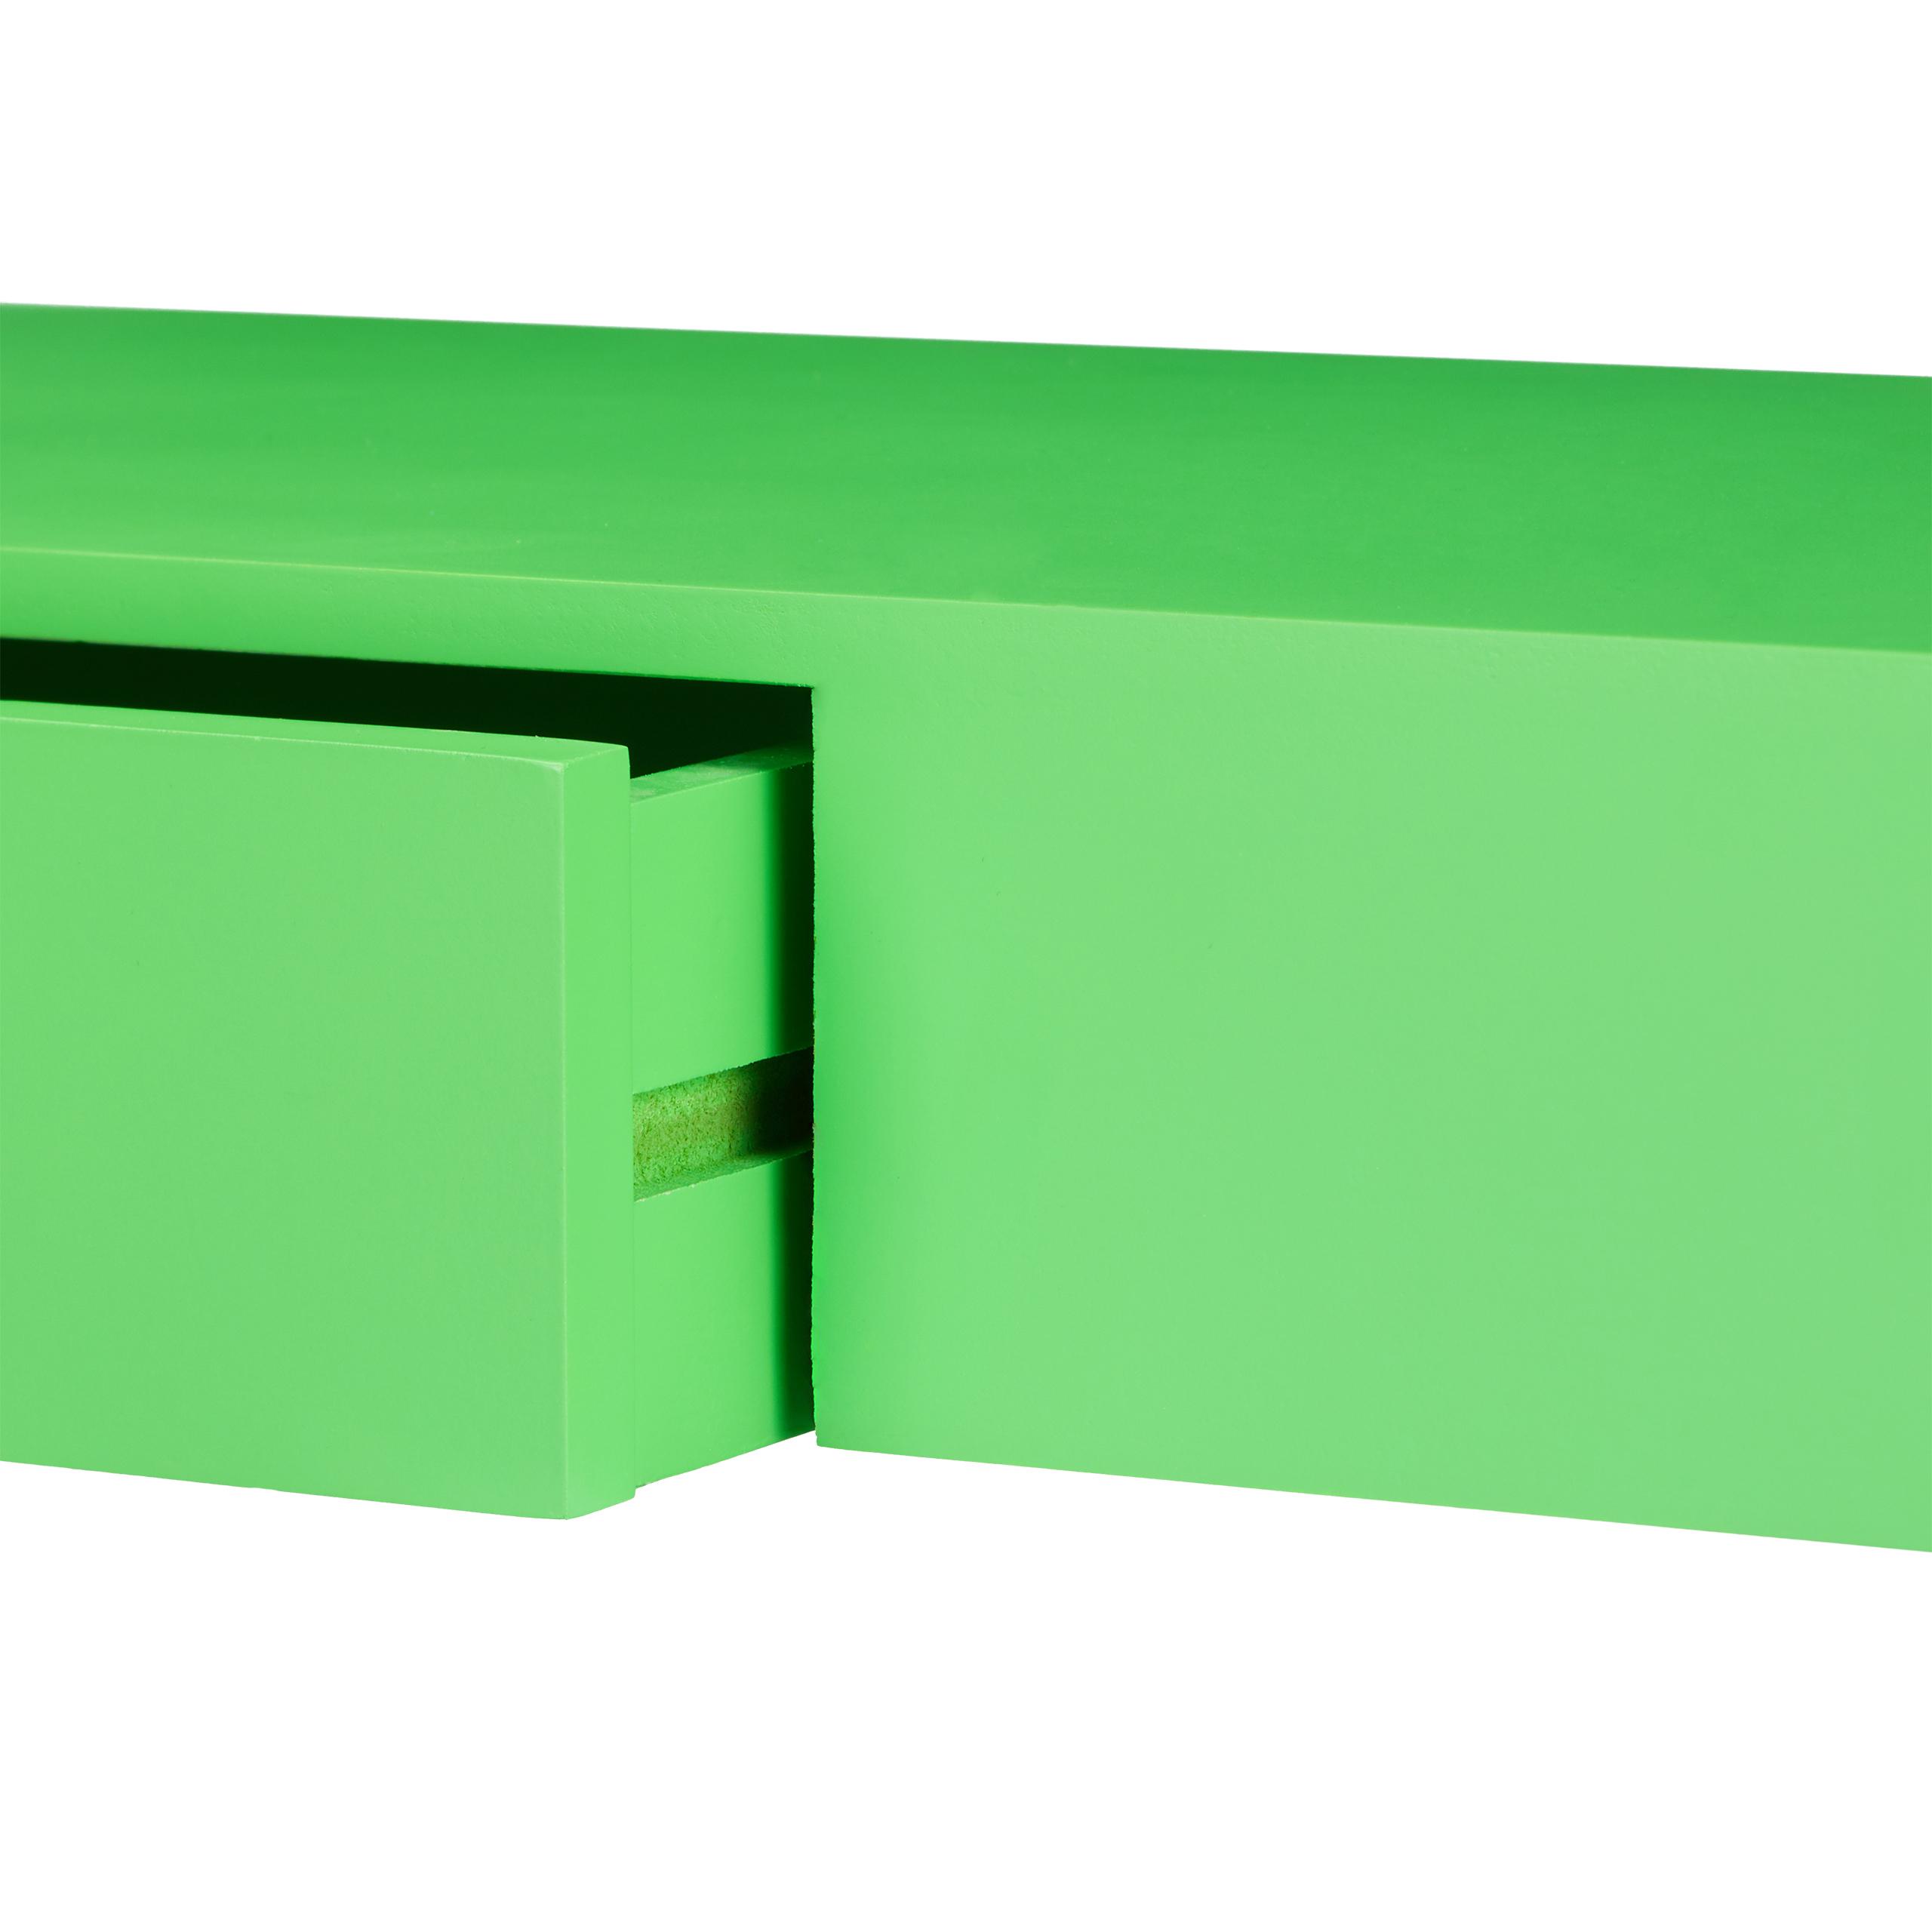 Wandregal mit Schublade freischwebend Design Deko Wohnzimmer modern Ablage